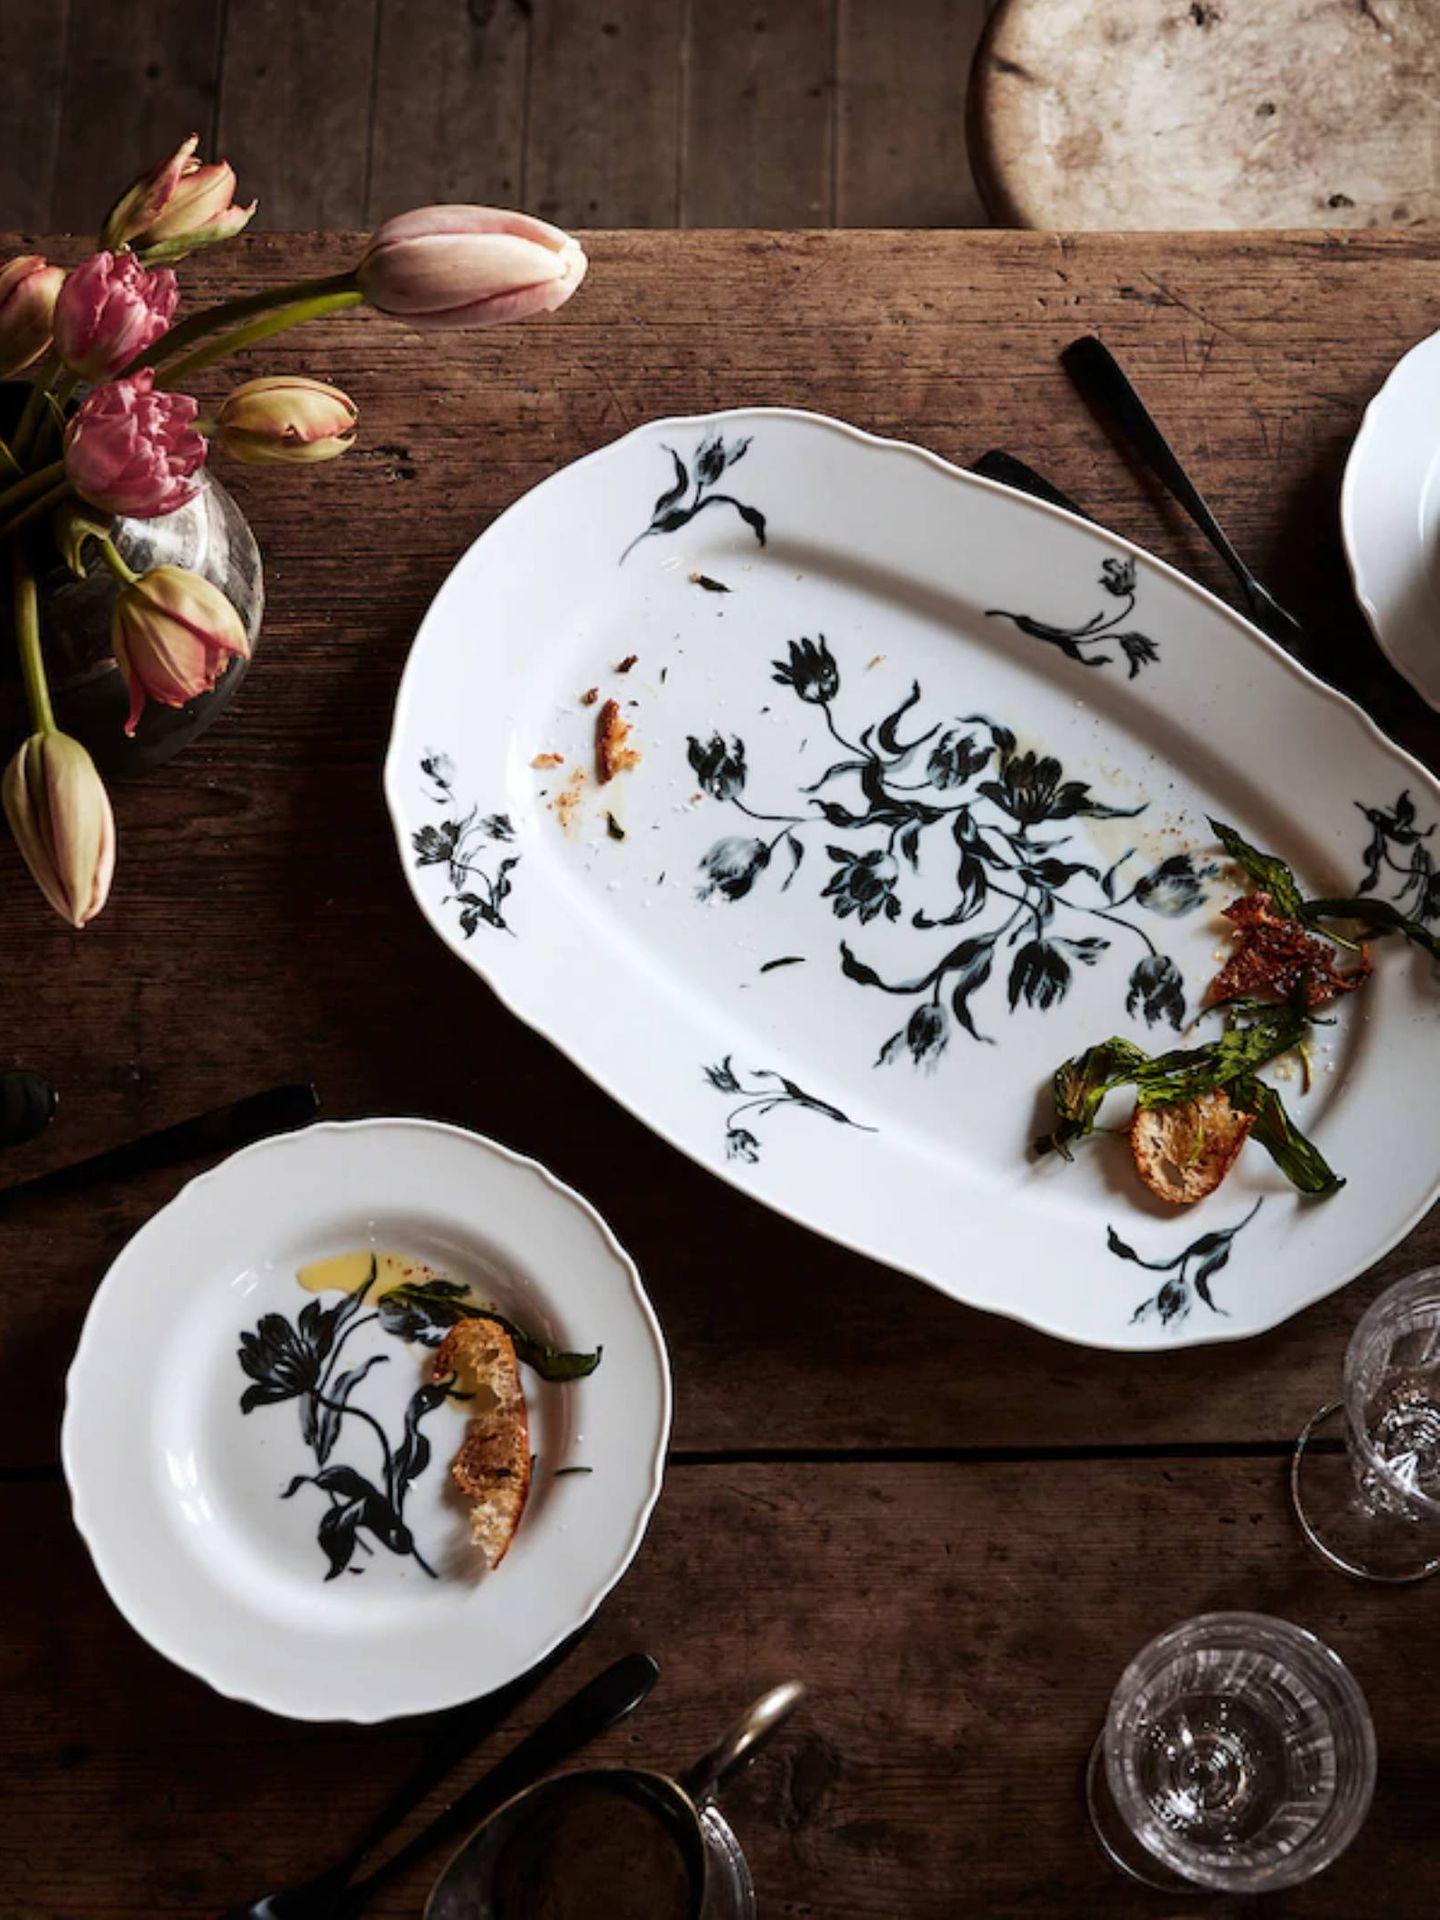 Platos y vajilla de Ikea para una mesa tan elegante como la de Isabel Preysler. (Cortesía)